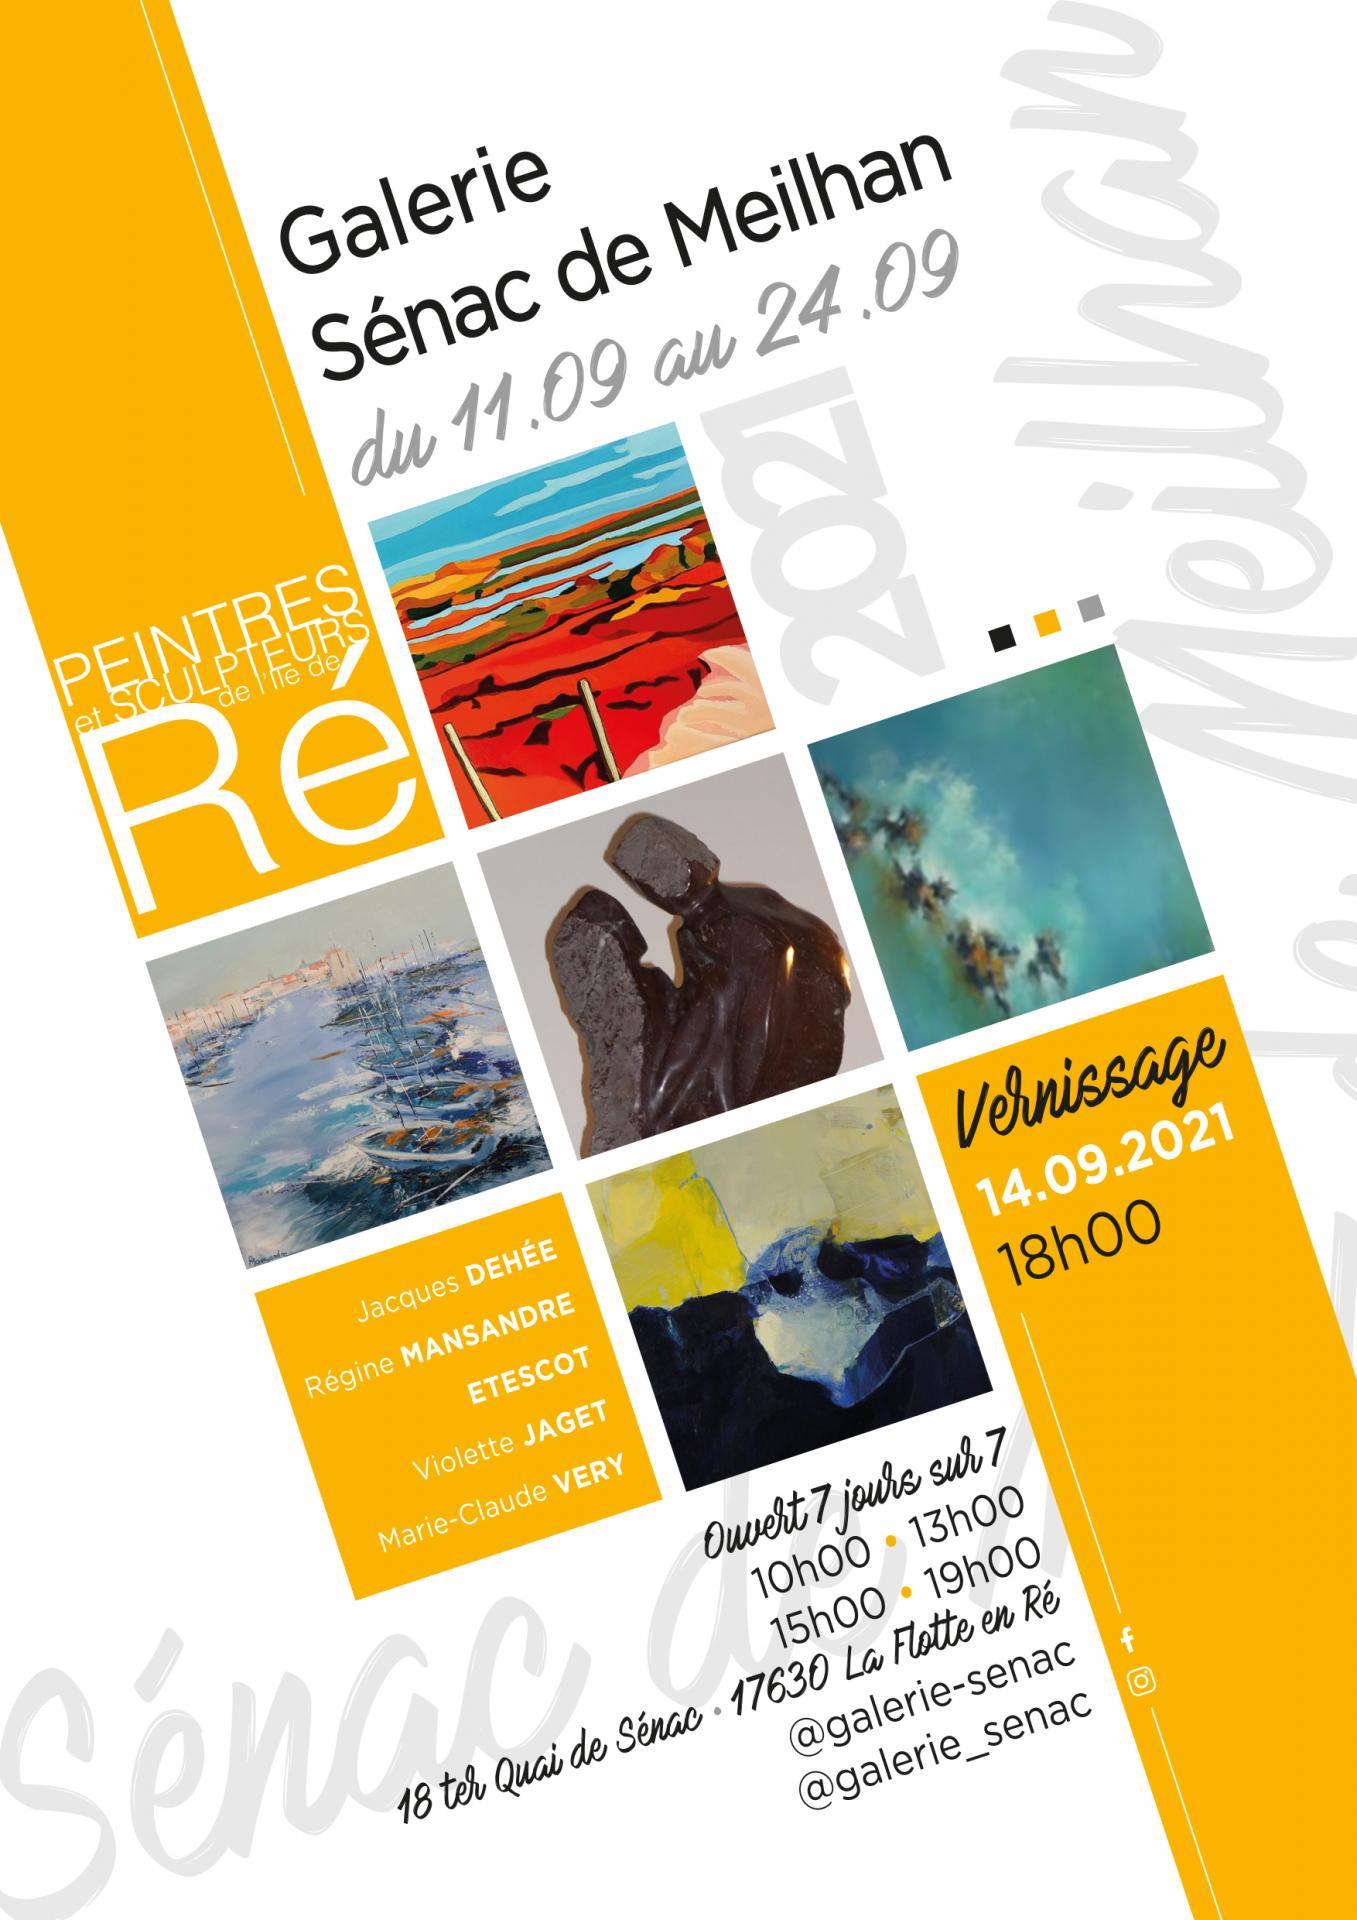 Galerie senac affiche2021bimestrielle semaine11